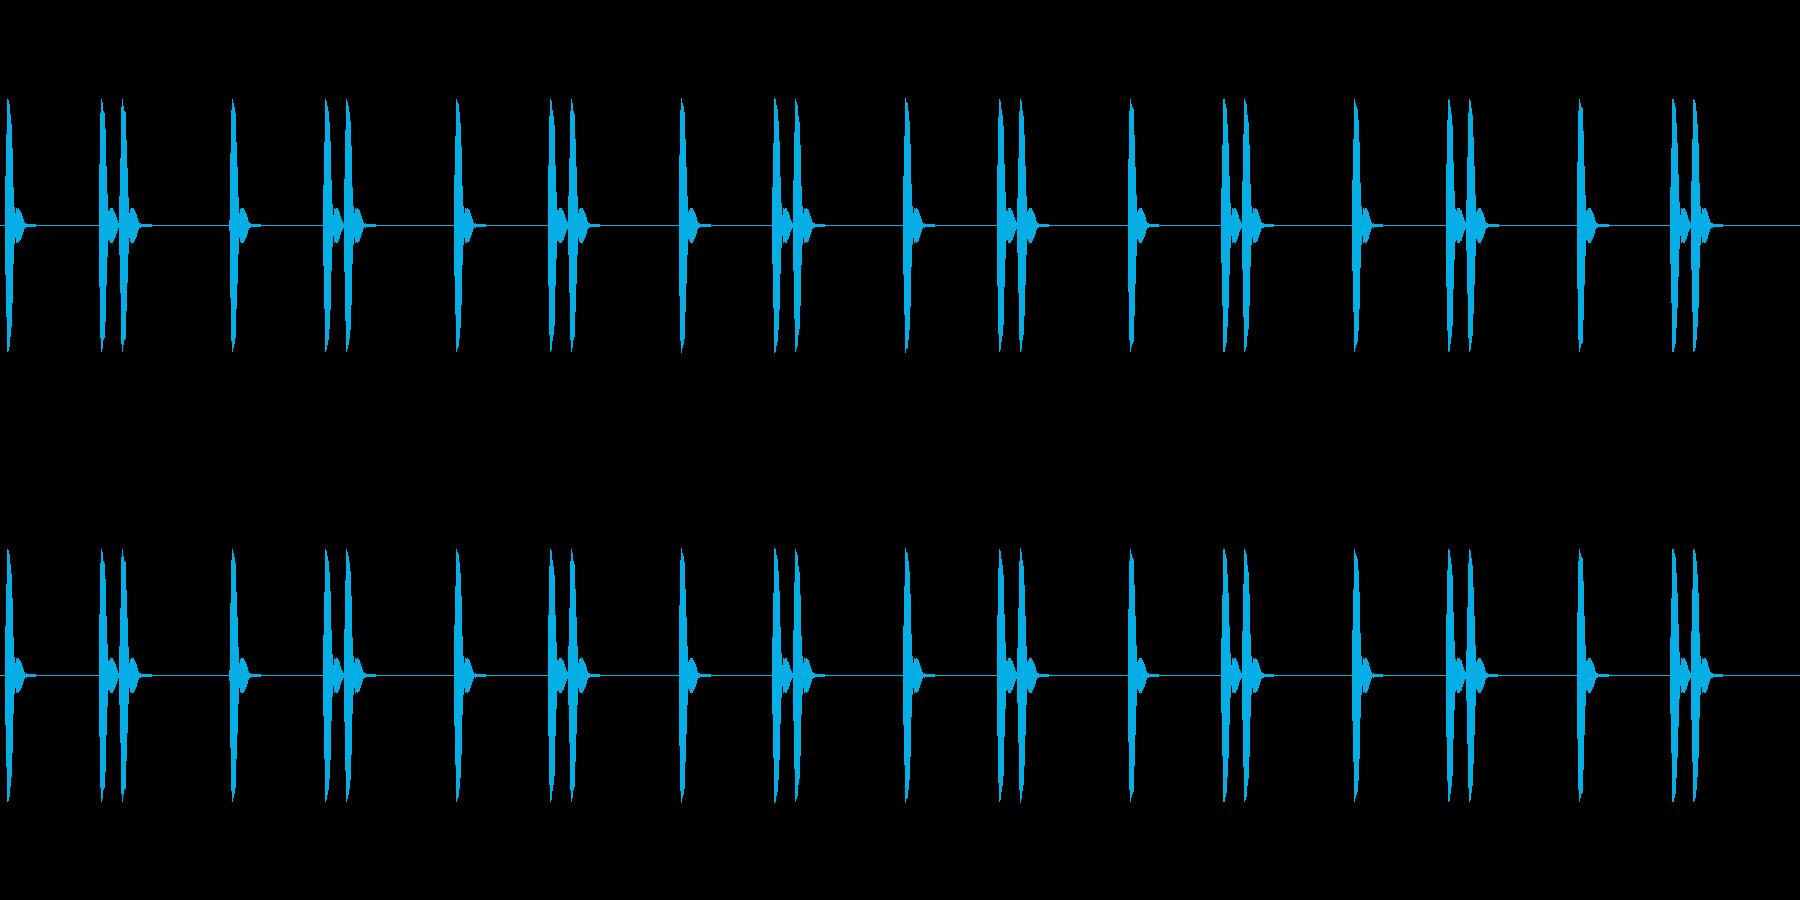 【効果音】信号機_ひよこ(ピヨピヨ)の再生済みの波形